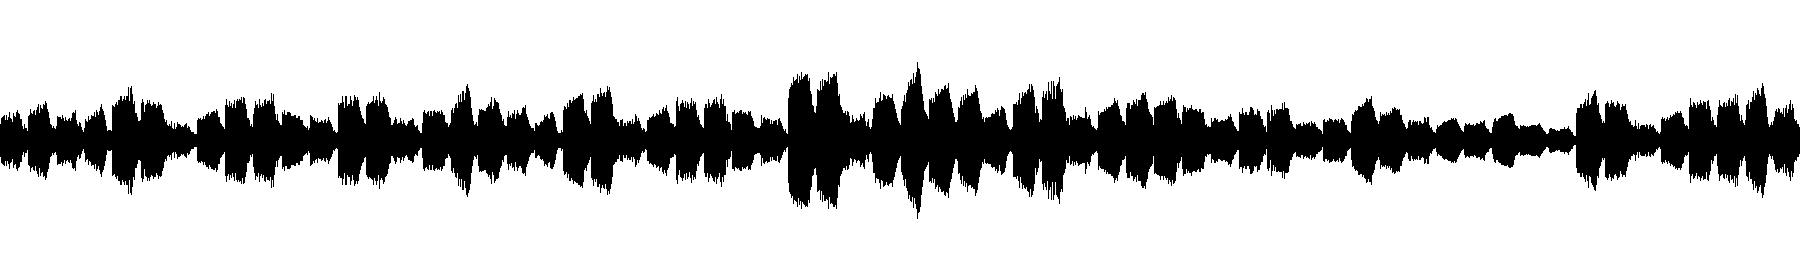 127 d voicegtr sp 01